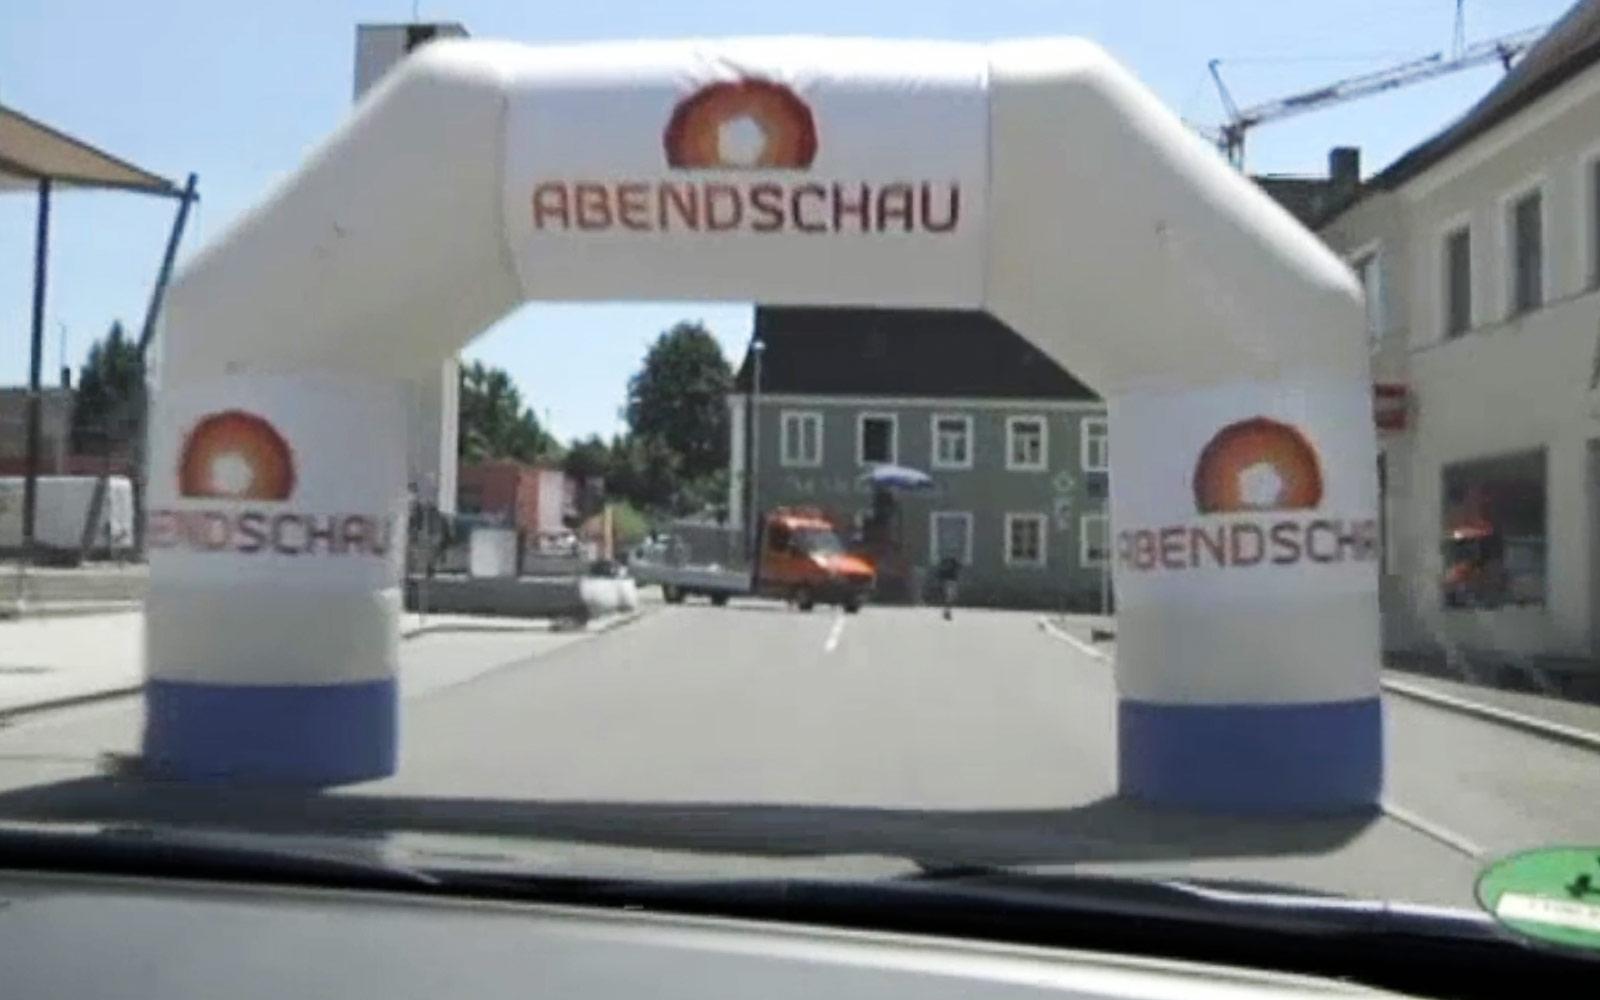 abendschau bayerisches fernsehen